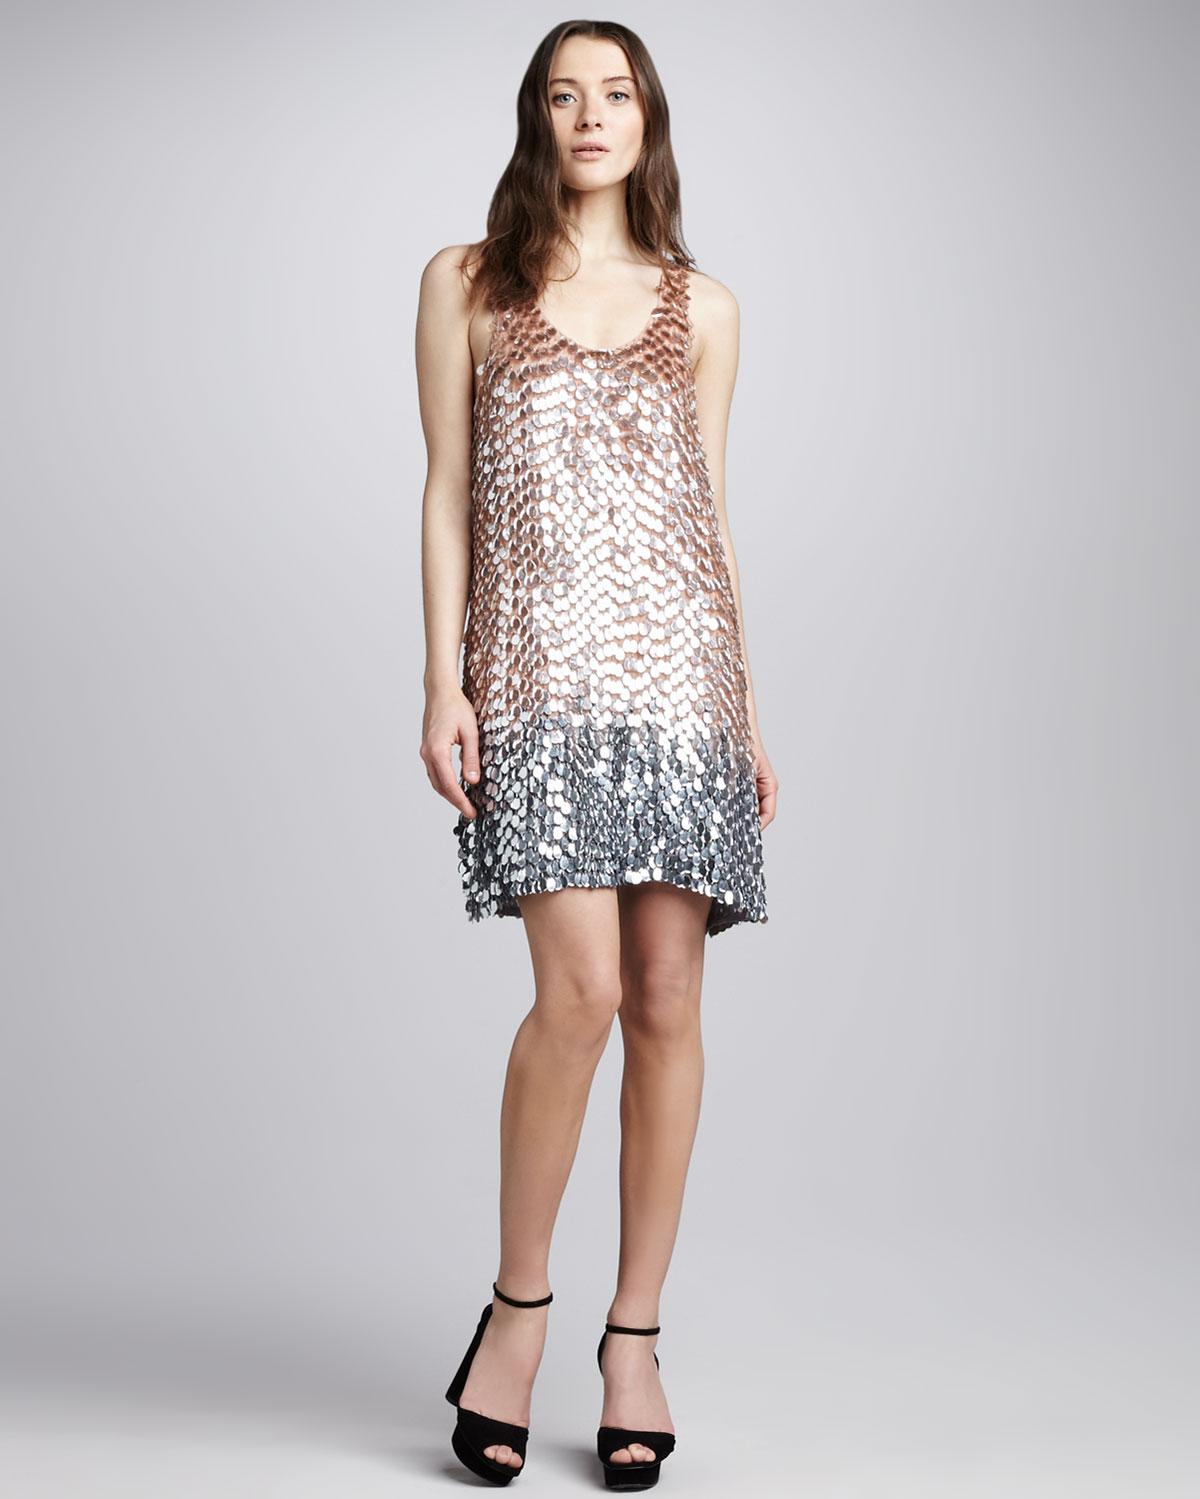 Cheap dress near me chase